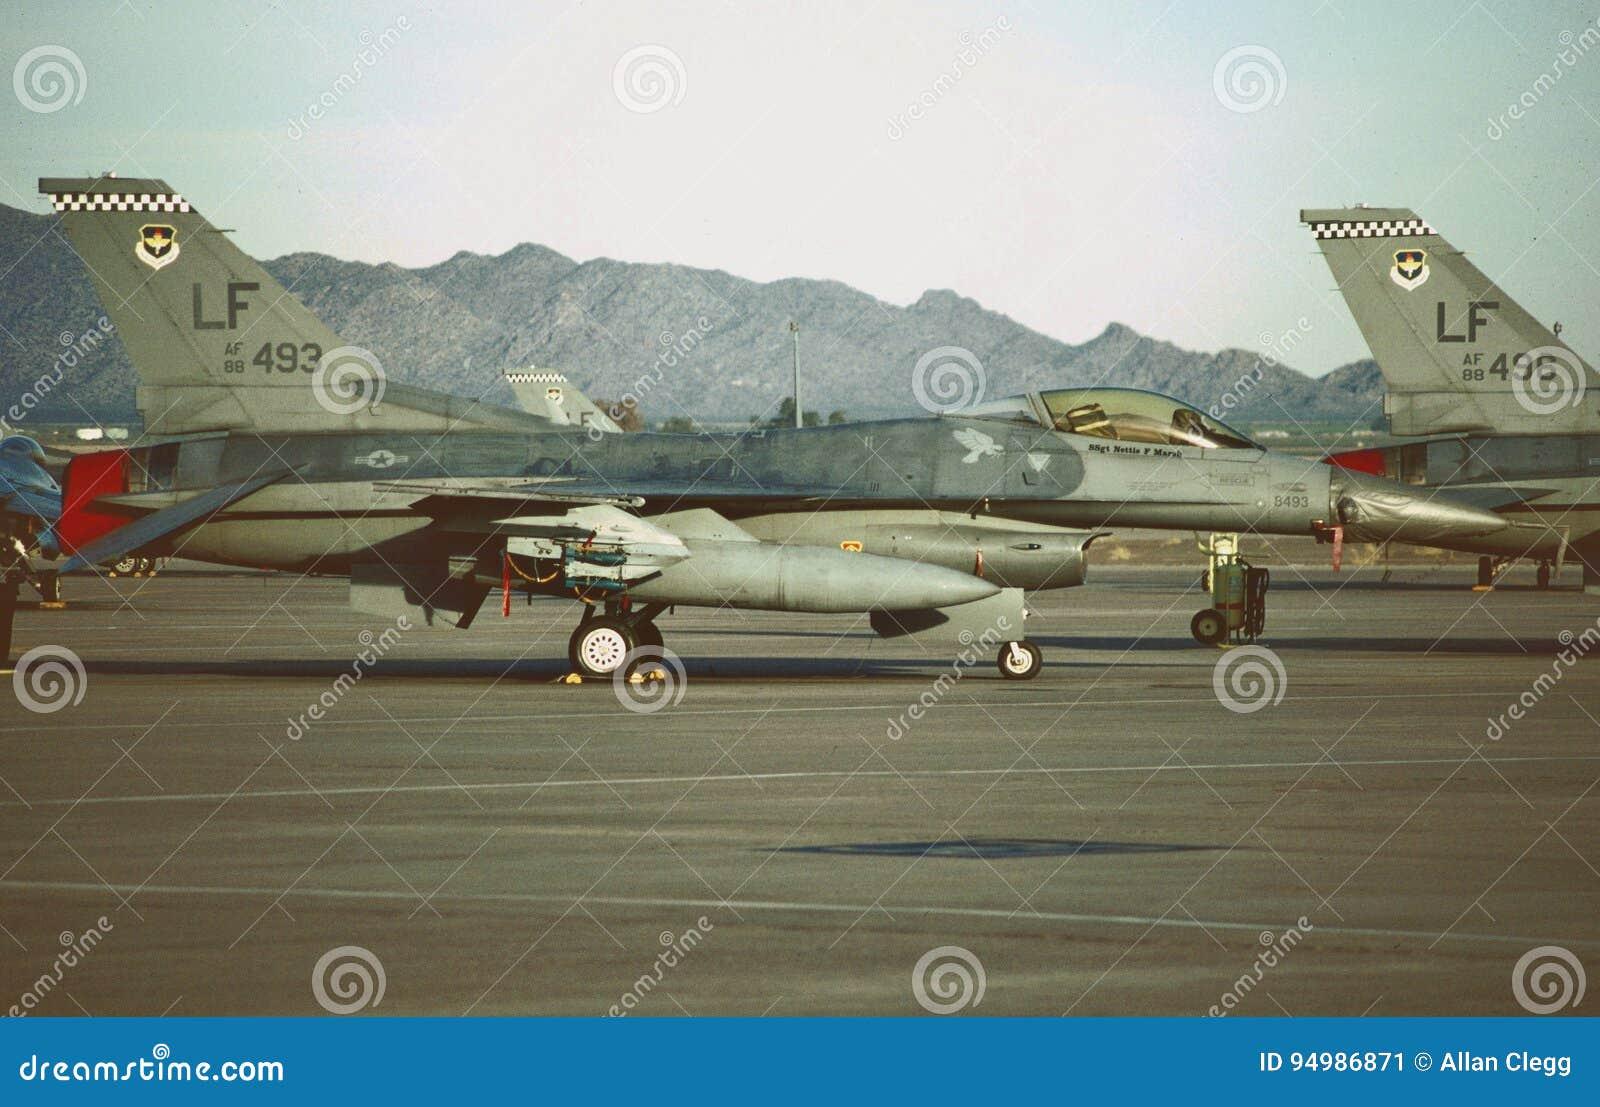 U.S.A.F. General Dynamics F-16C 88-0493 auf dem Fluglinien am 5. Oktober 1999